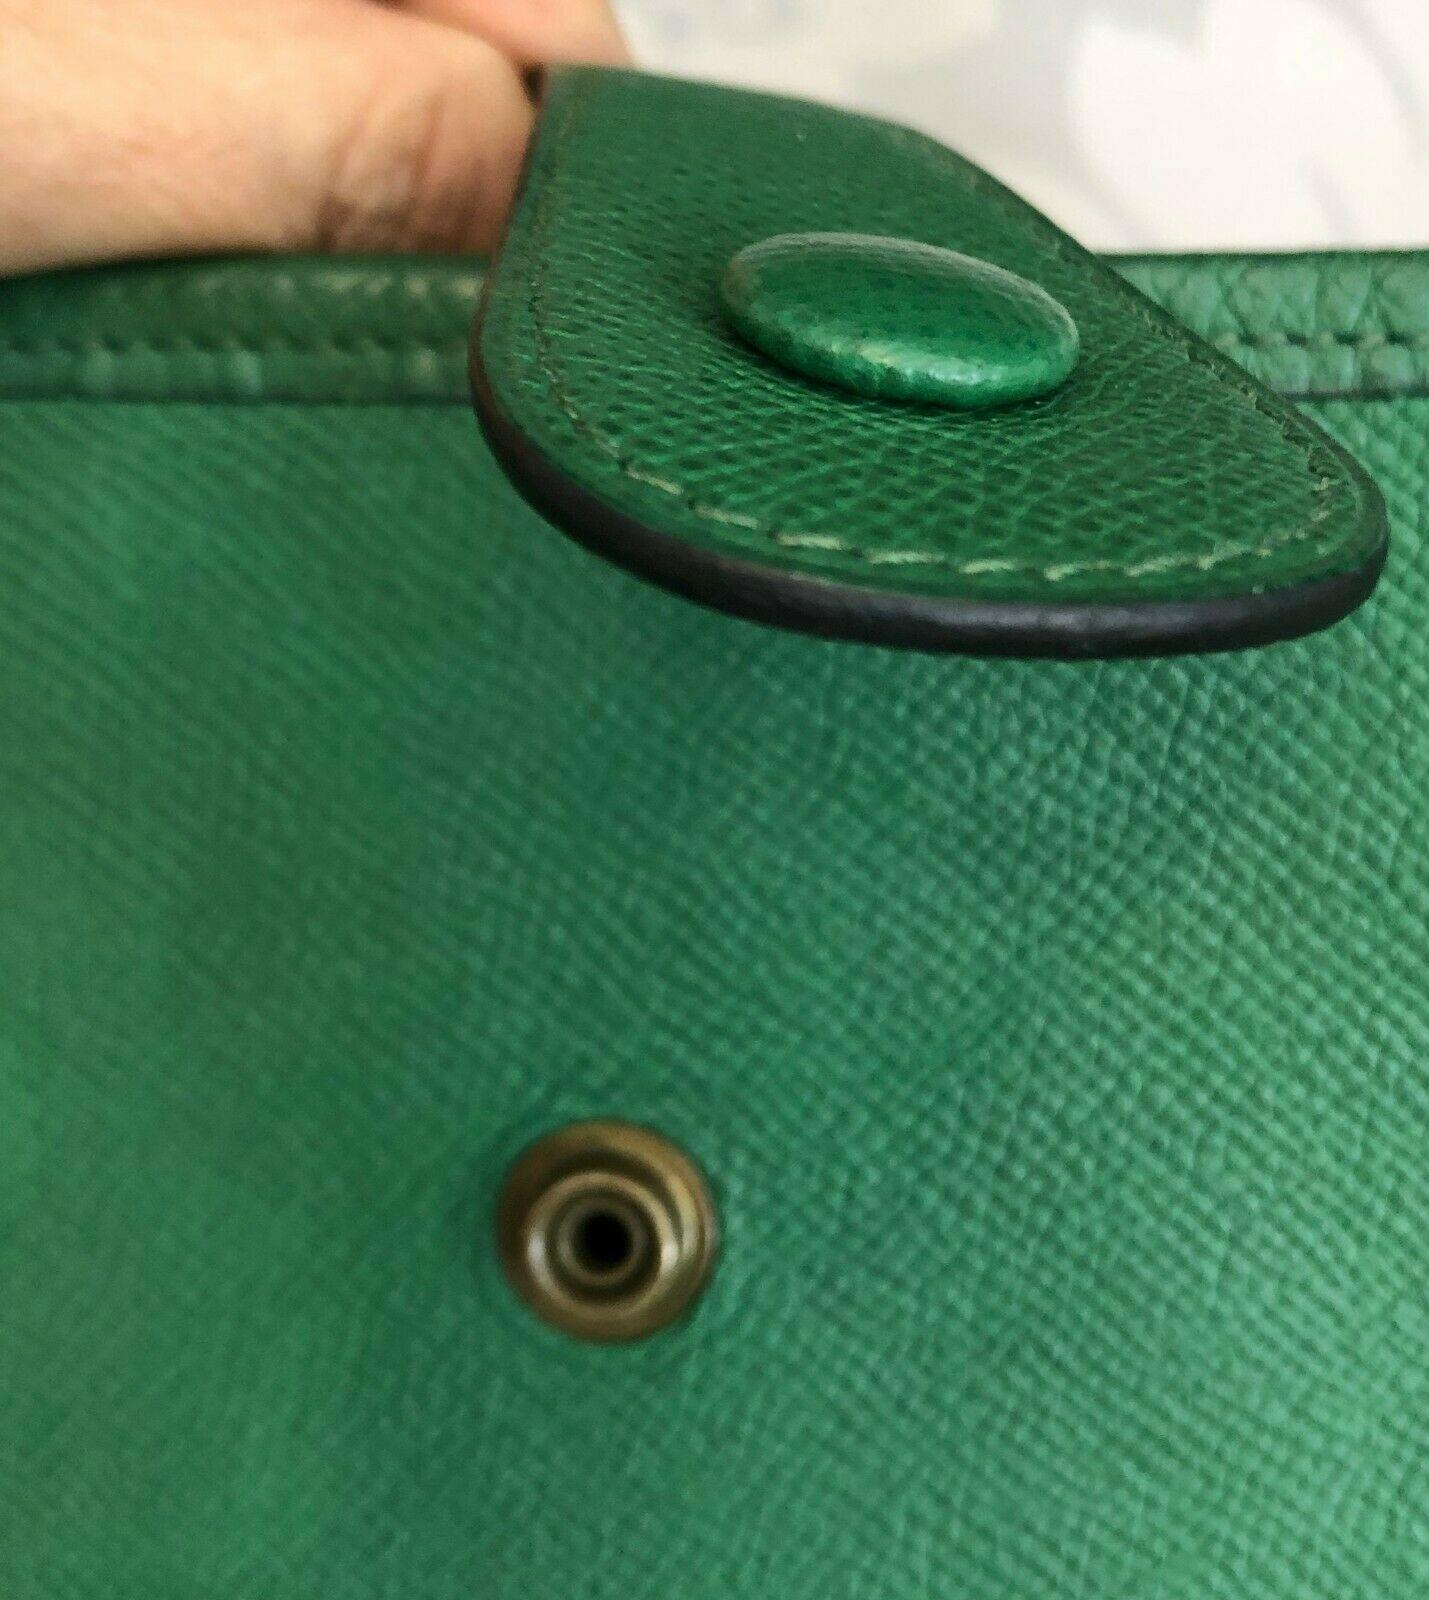 """HERMES Green Classic """"EVELYNE GM"""" Leather Tote/Shoulder Bag $$$$ image 5"""